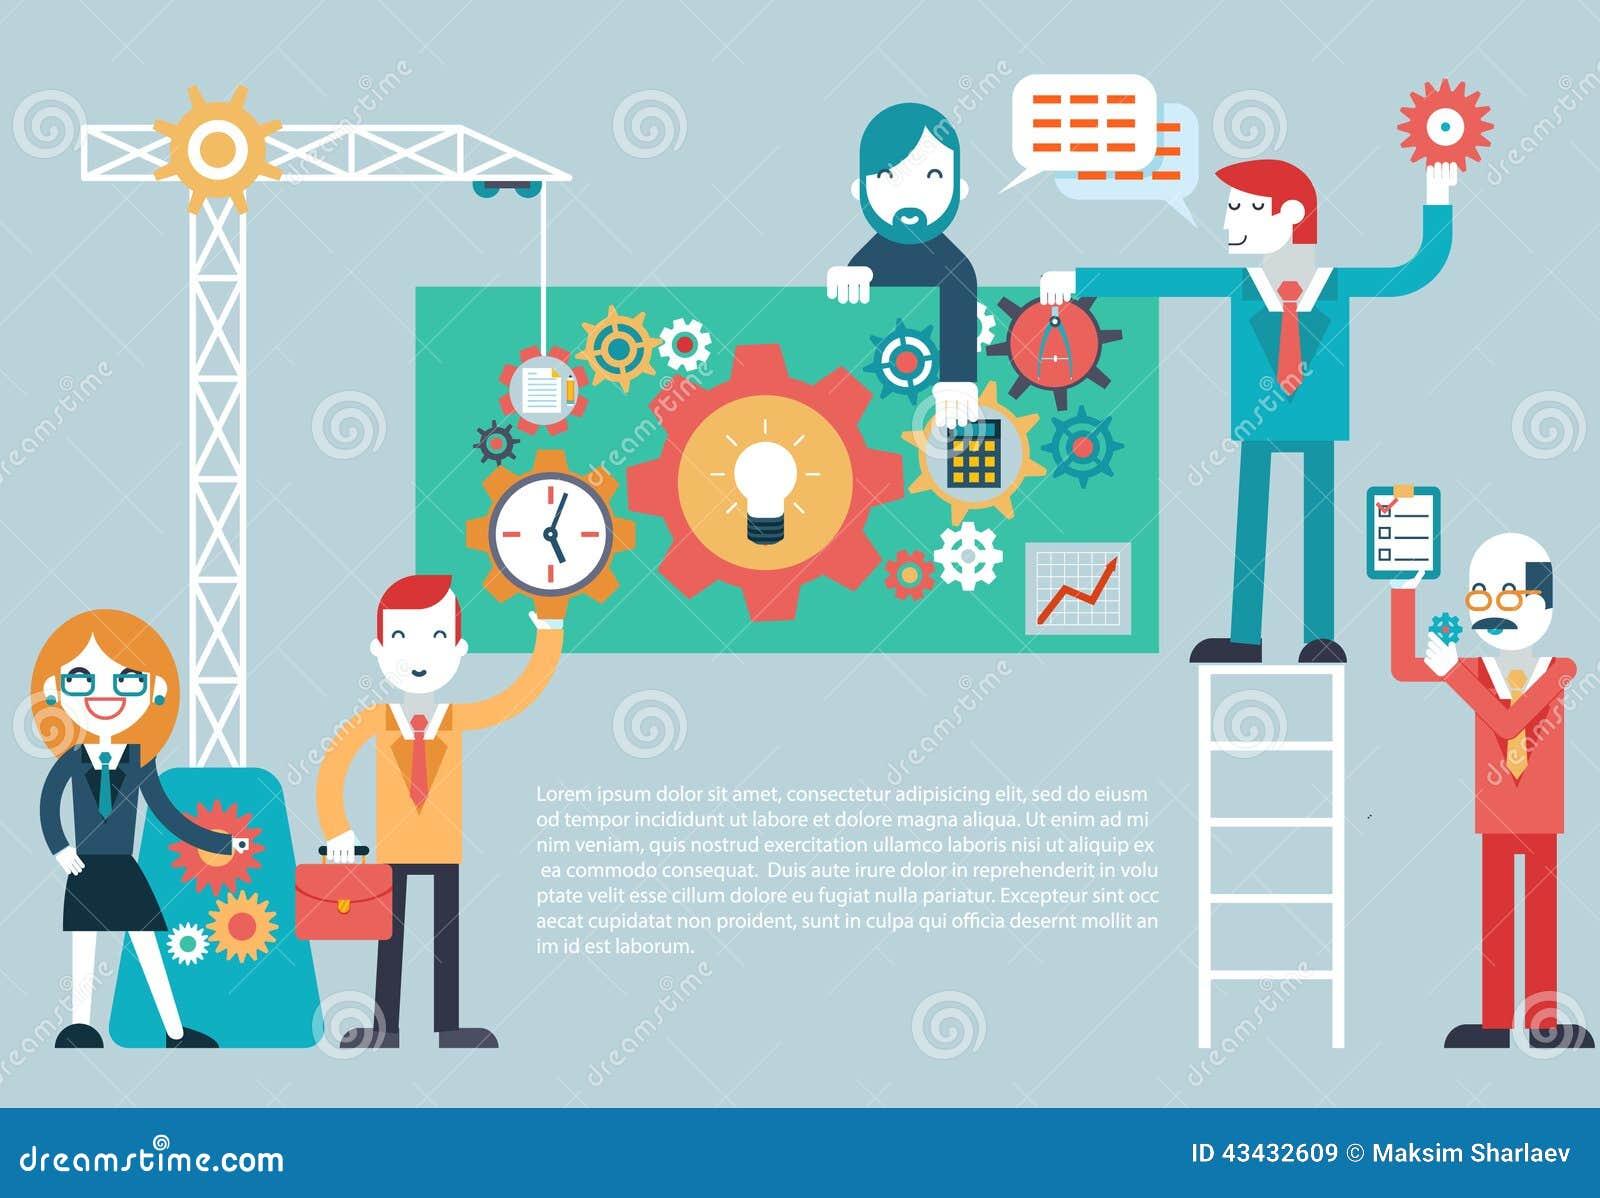 Creatieve ideeënweb van de appsseo ontwikkeling van het programmeringsontwerp mobiele van het de telefoonapparaat van PC mobiele